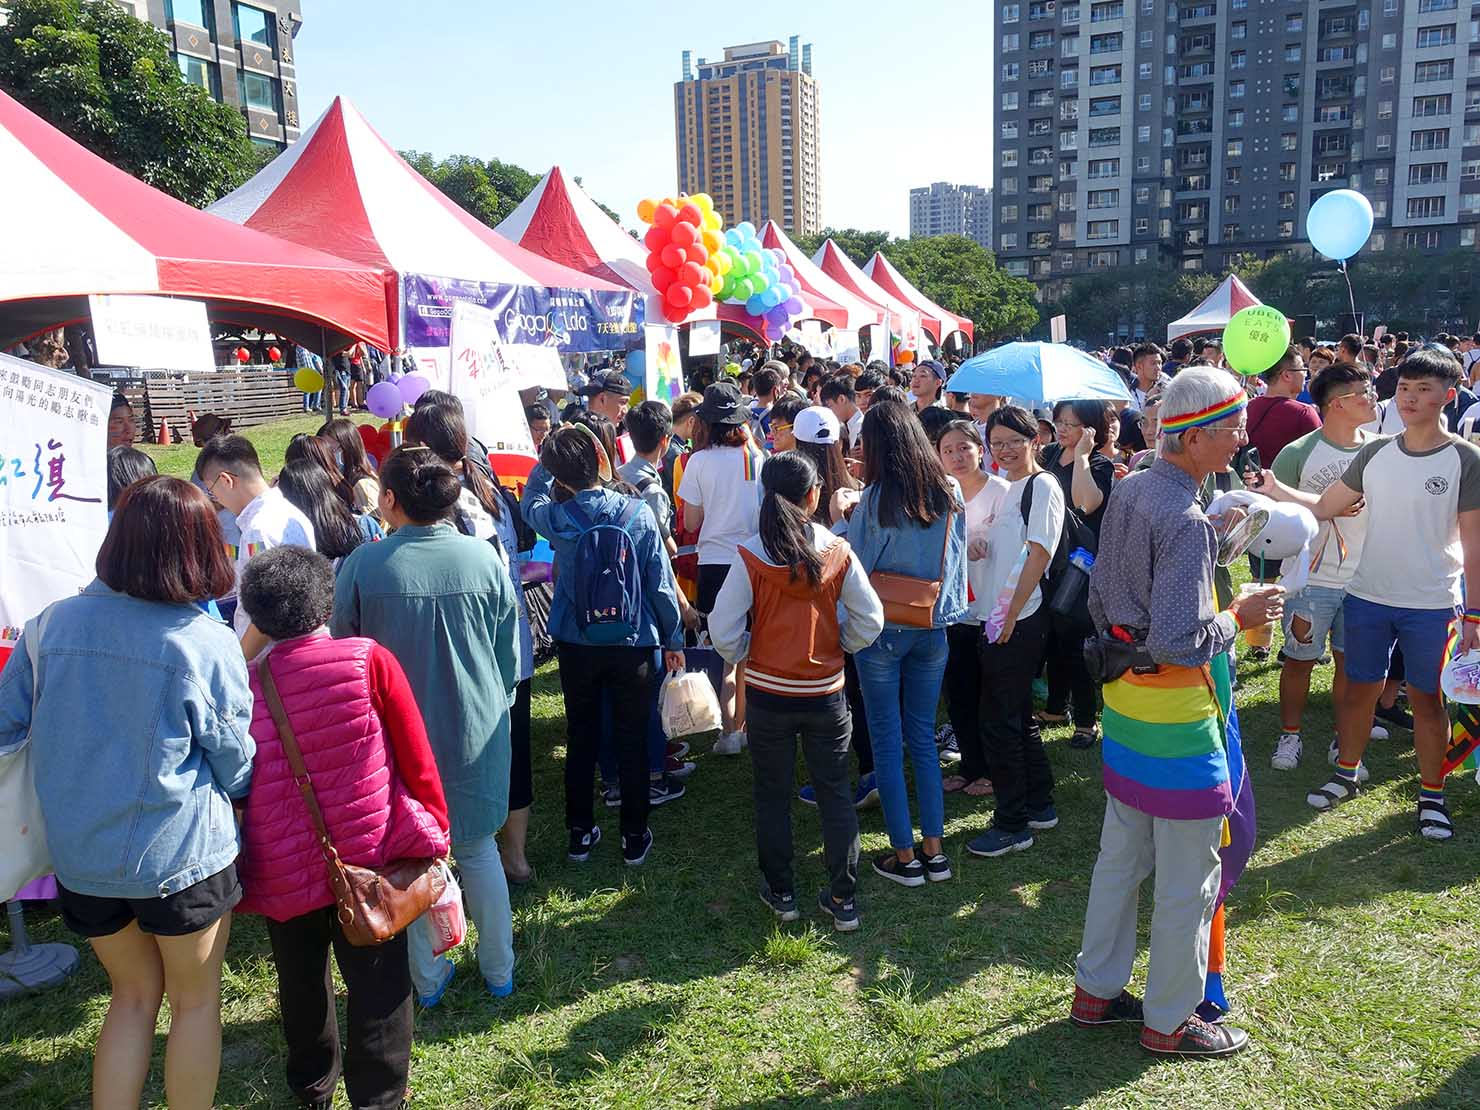 台中同志遊行(台中LGBTプライド)2017会場内に並ぶブース